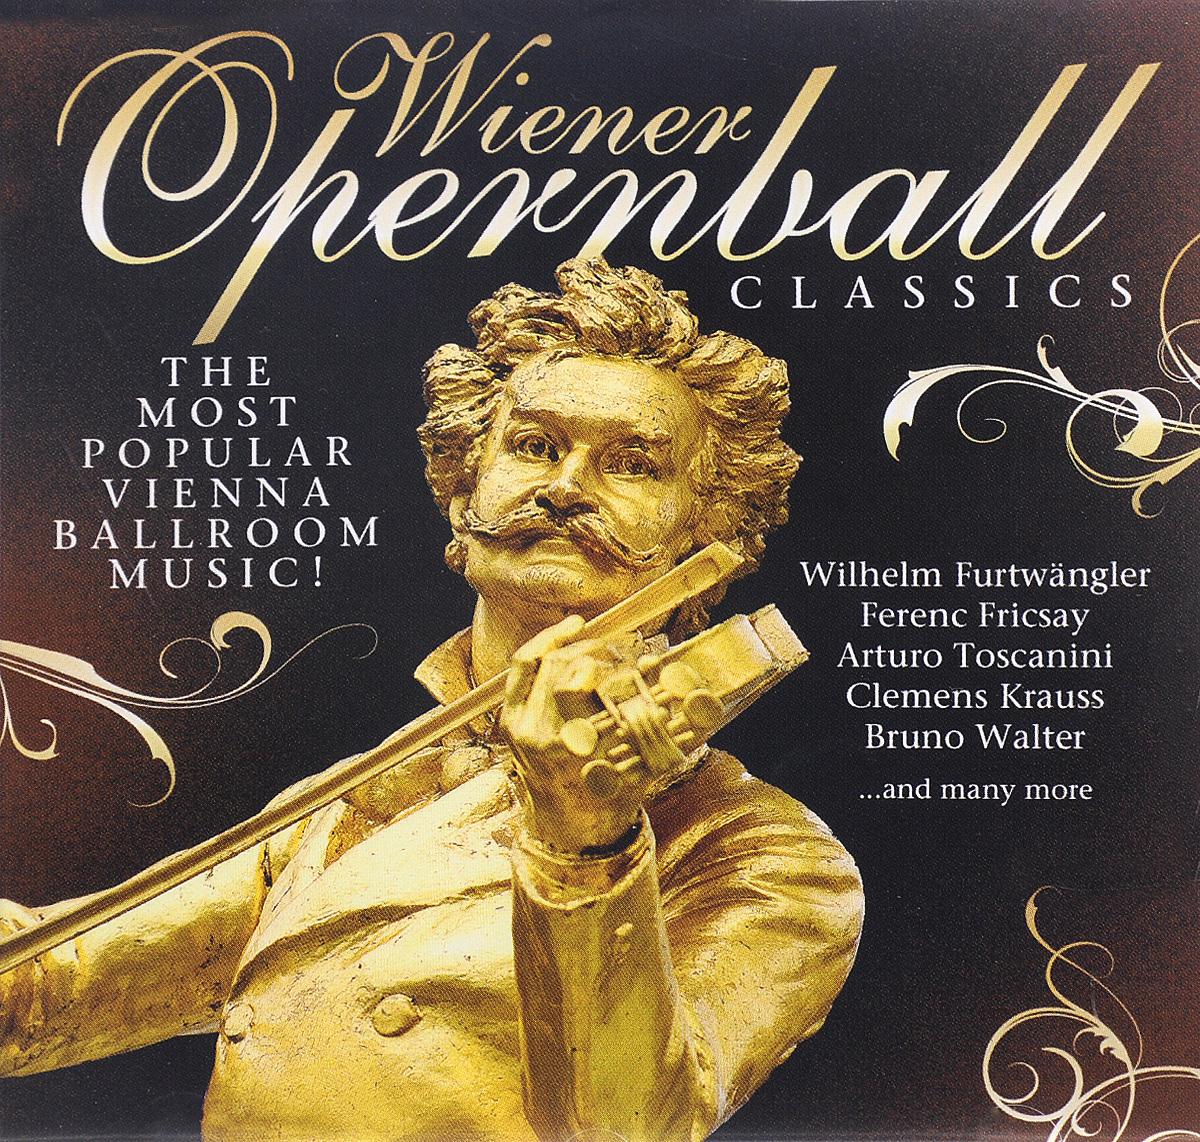 Johann Strauss Orchester Wiener Opernball Classics (2 CD) johann strauss orchester питер шмальфусс let s dance waltz 2 cd dvd